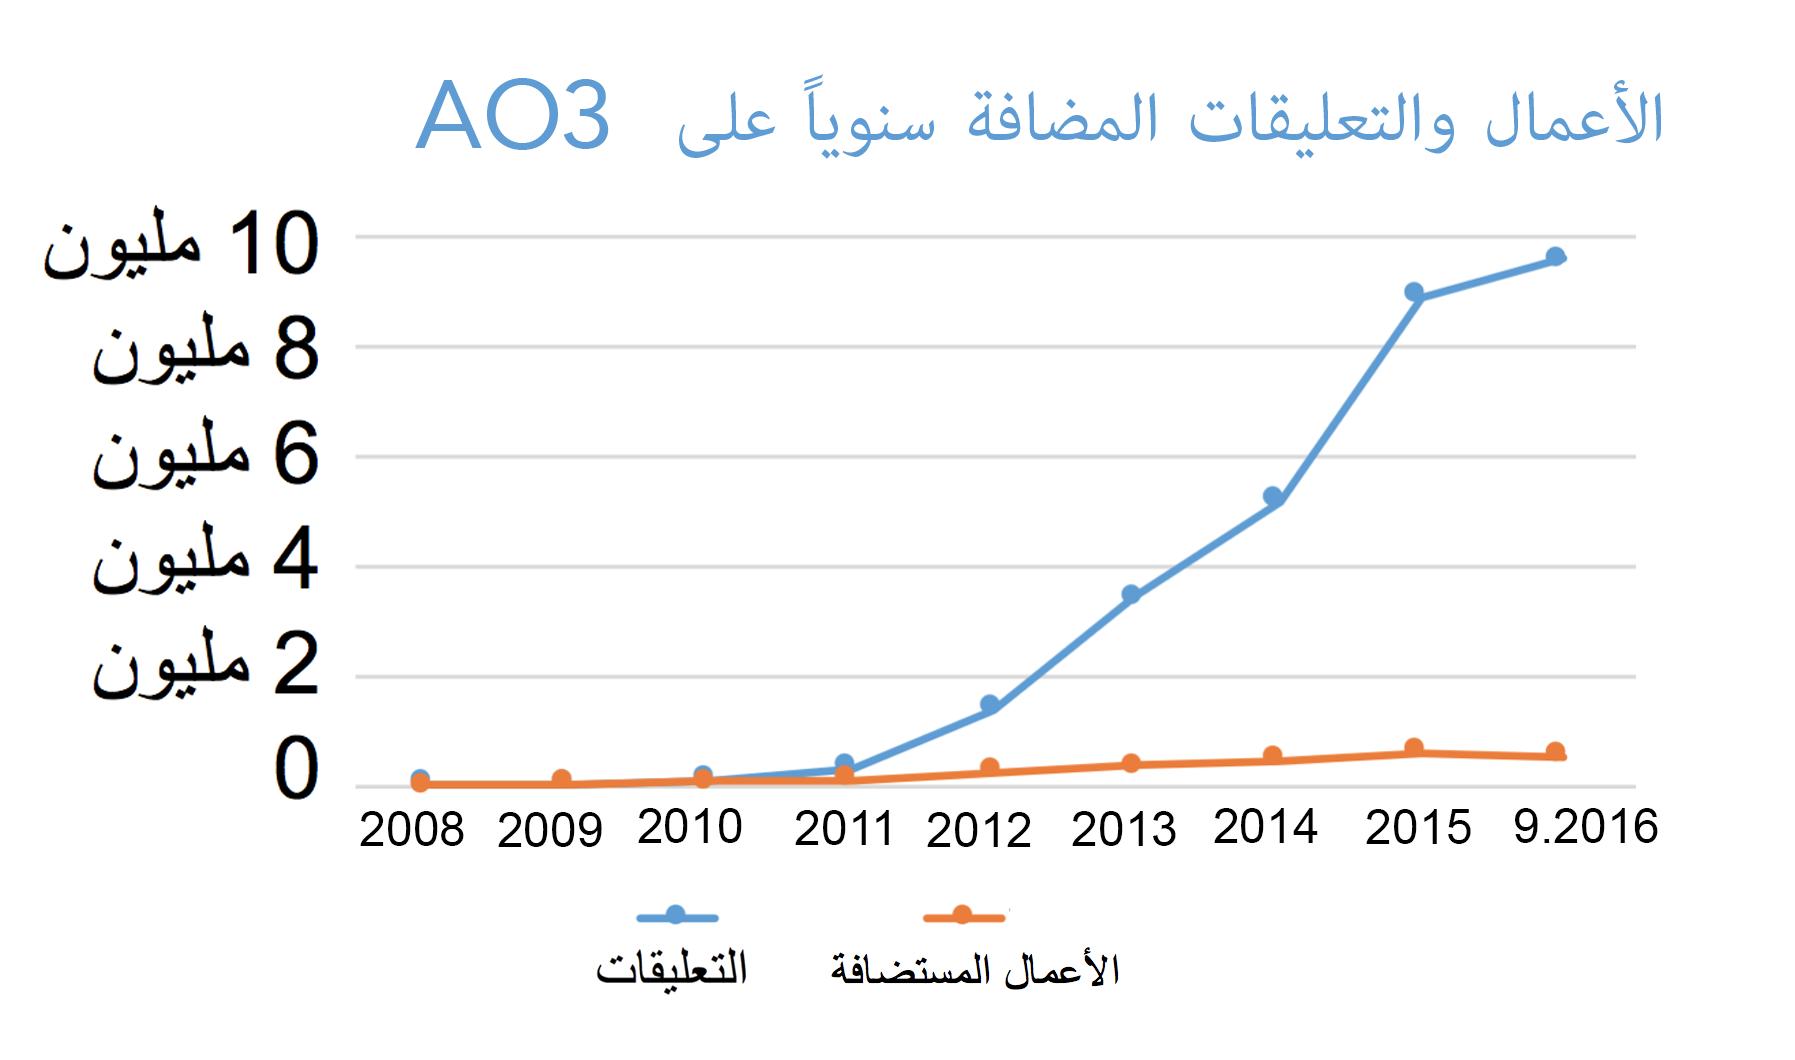 الرسم البياني لمعدل الزيادة في الأعمال والتعليقات التي يتم إنشاؤها كل عام على AO3، من صفر في العام 2008 إلى أكثر من 500,000 عمل و9 ملايين ونصف تعليق هذه السنة وحدها.